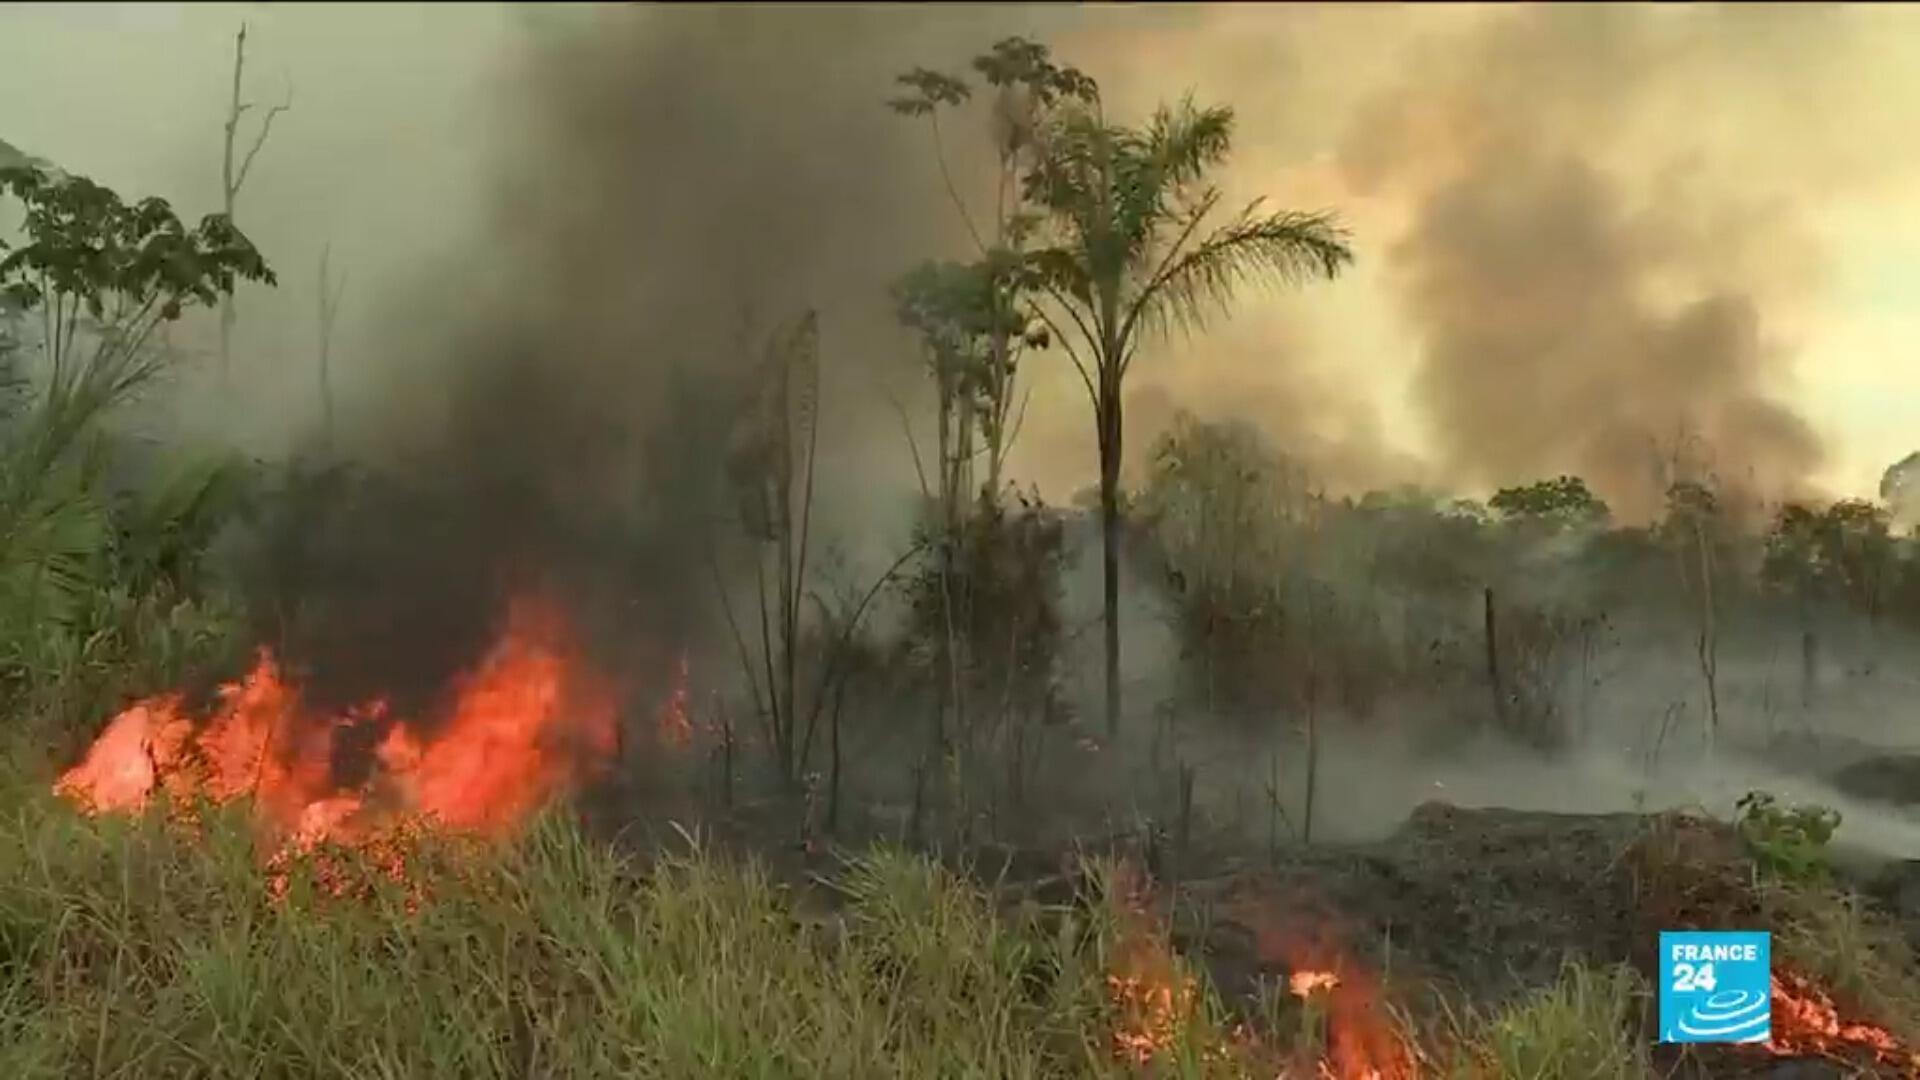 Les ONG s'inquiètent de l'arrivée de l'été qui pourrait provoquer  de nouveaux incendies en Amazonie.